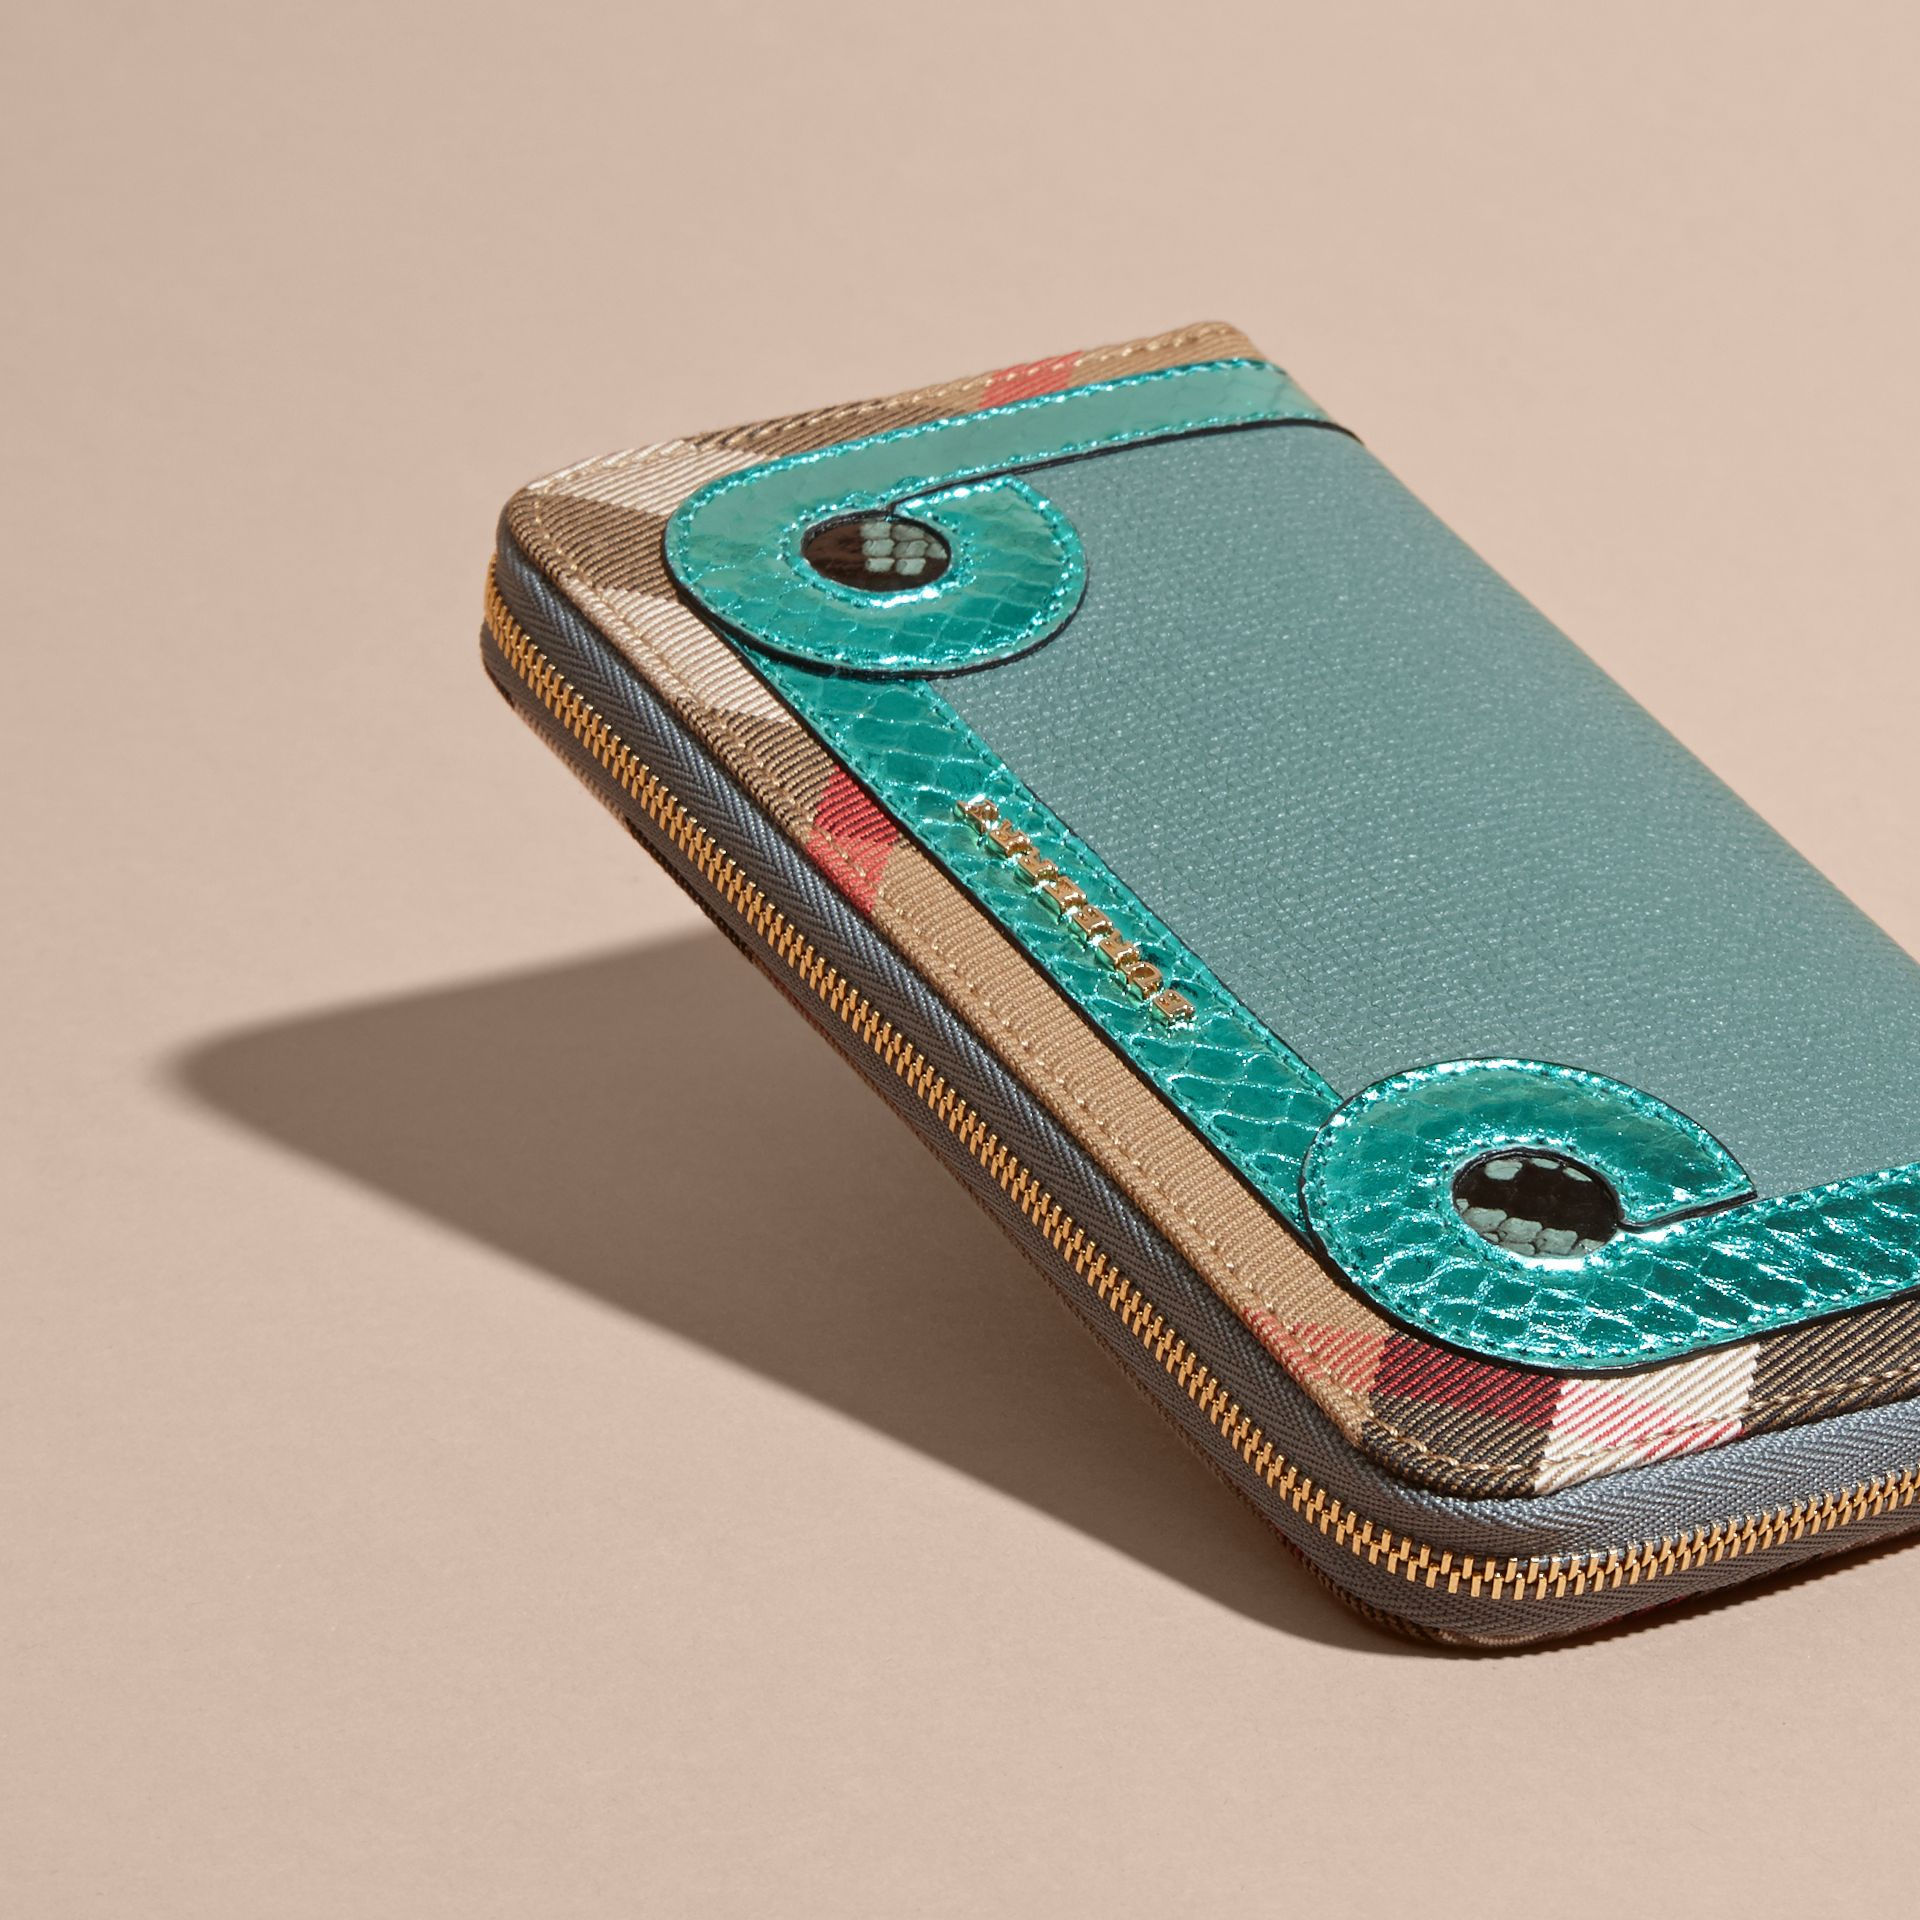 Azul celadón Cartera con cremallera perimetral en piel de serpiente y House Checks Azul Celadón - imagen de la galería 3